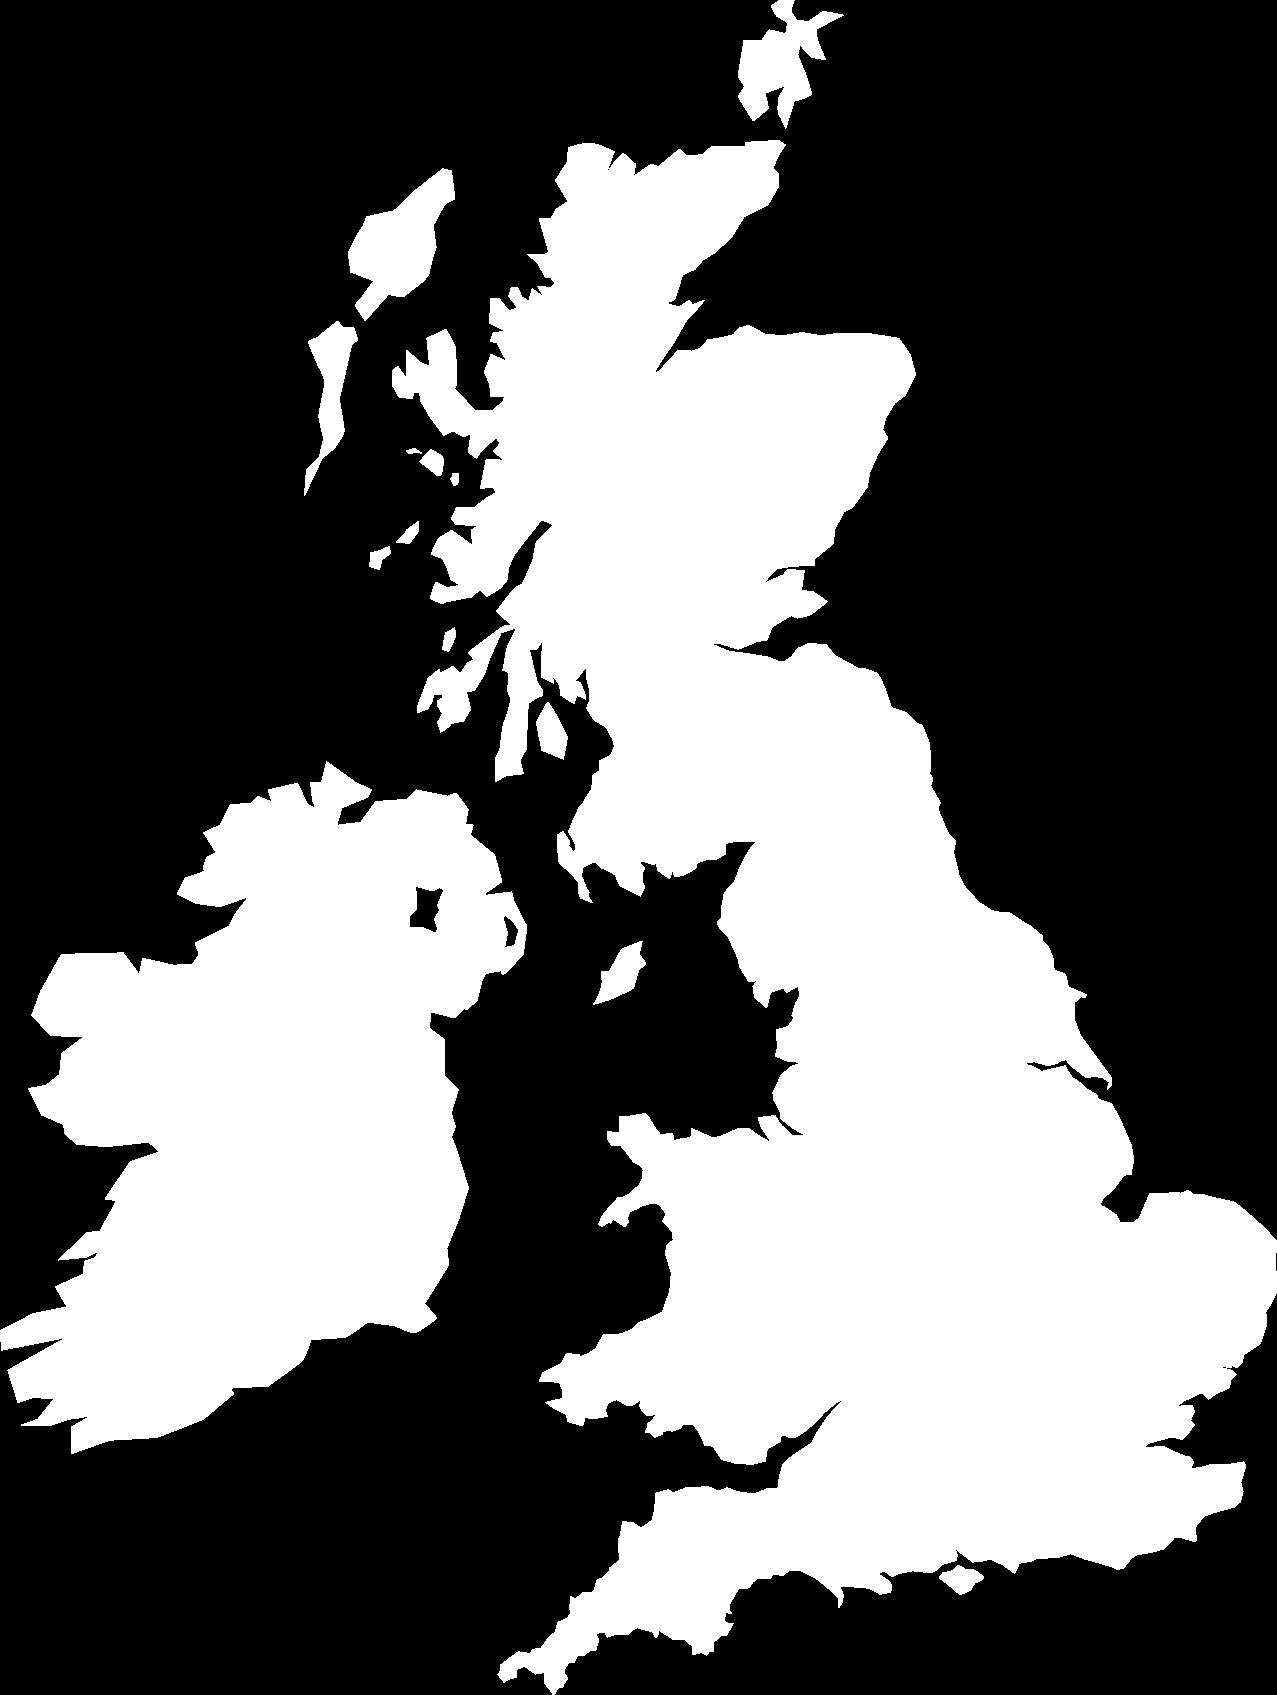 uk-map-vector-4 (1)